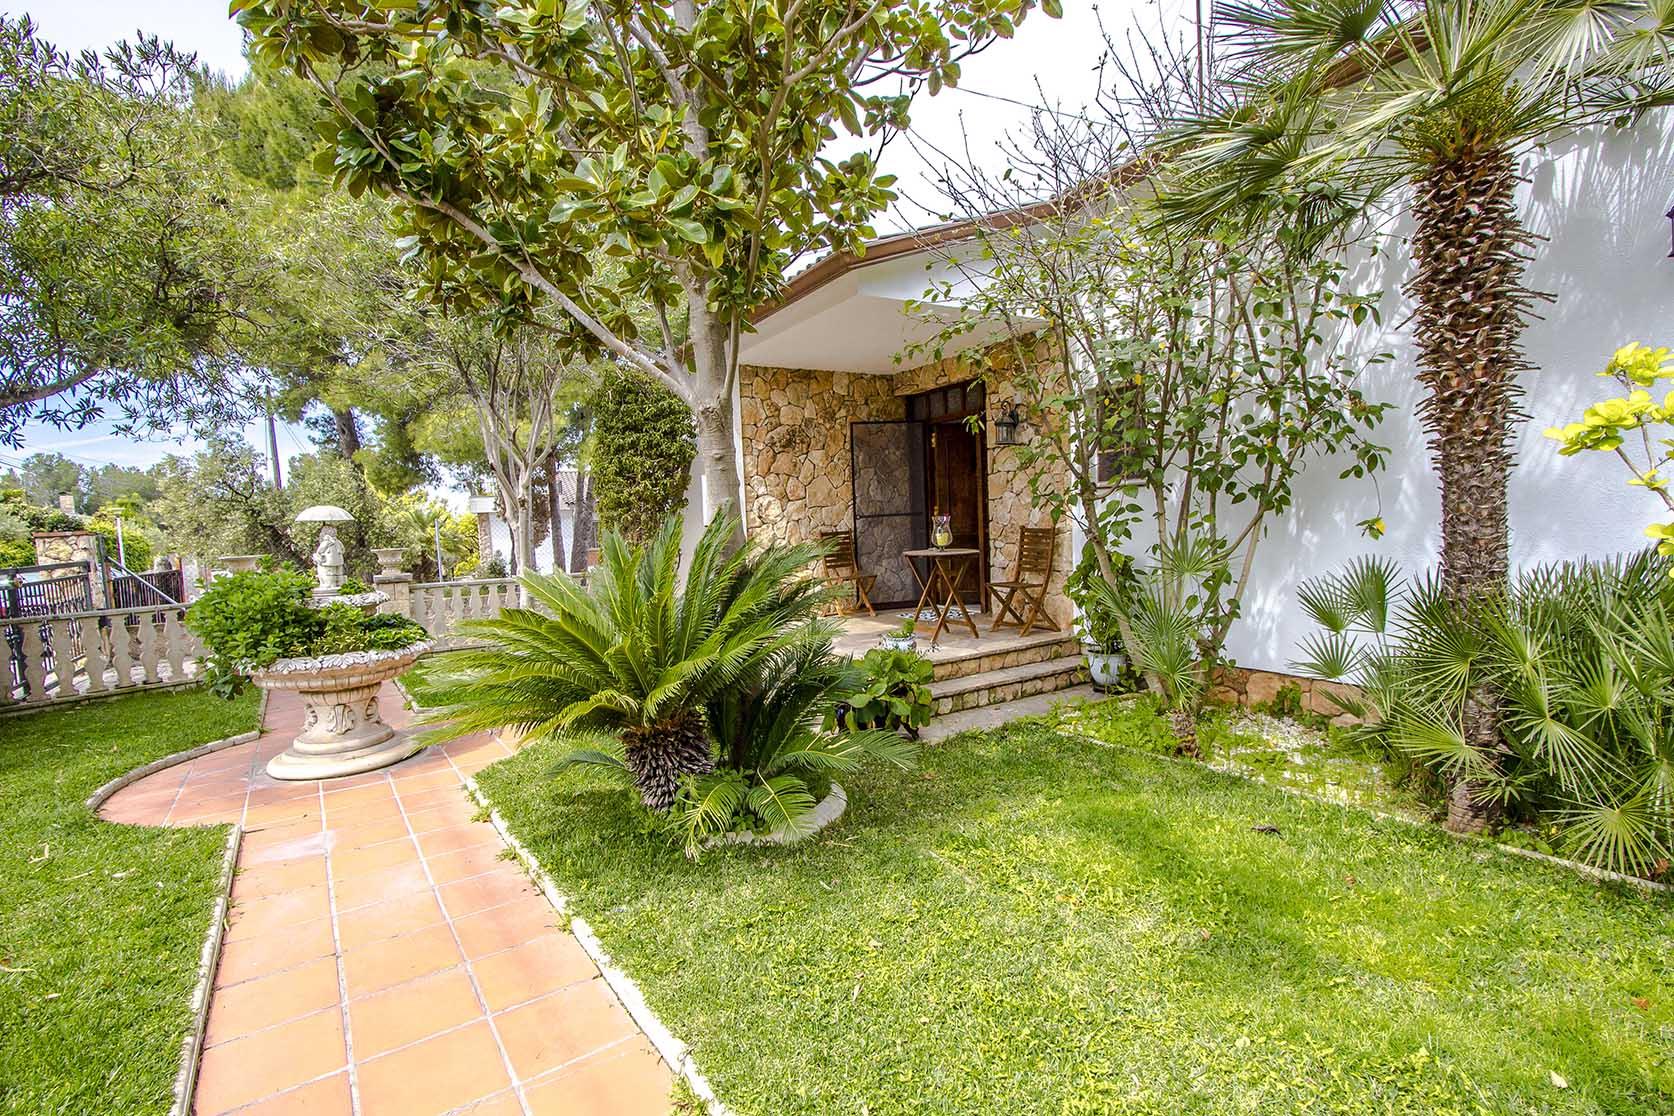 Ferienhaus Catalunya Casas: Lovely villa in Castellet, only 10 min to Costa Dorada beaches! (1890850), Castellet i la Gornal, Costa del Garraf, Katalonien, Spanien, Bild 43